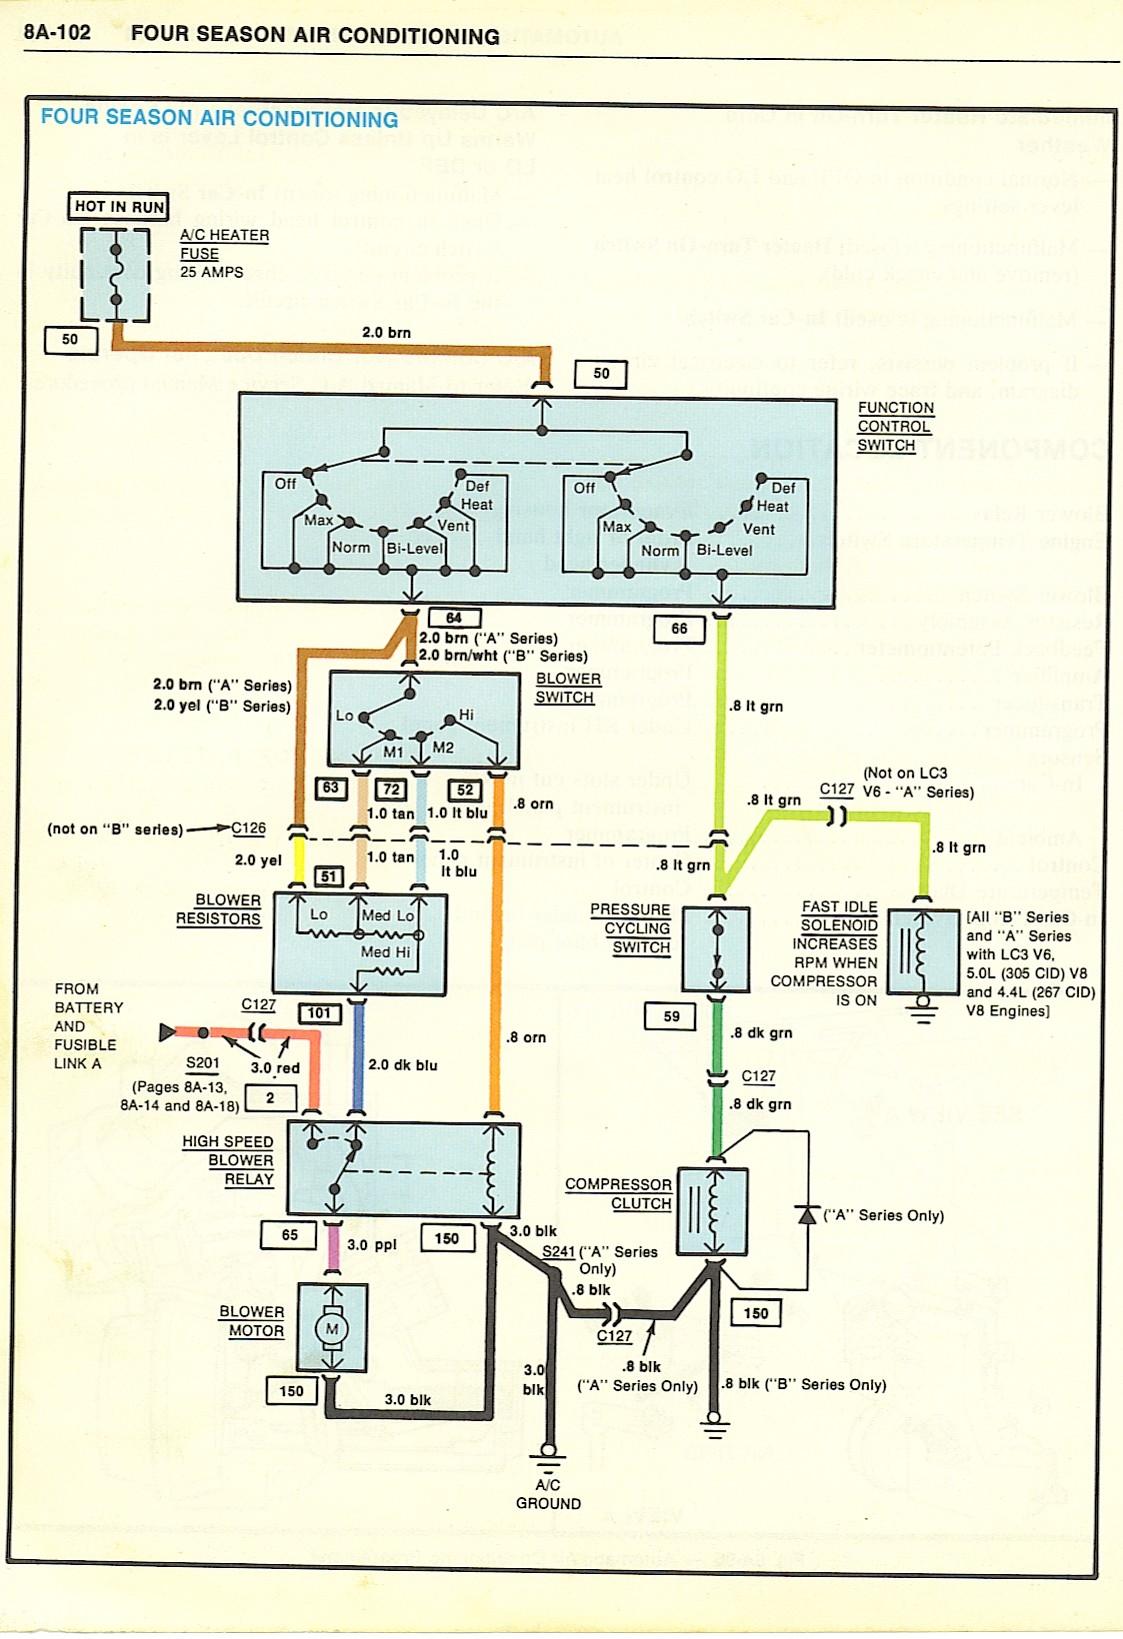 1970 Chevelle Wiring Diagram Air Cond Diy Enthusiasts Wiring Chevrolet Air  Conditioning 1970 Chevelle Air Conditioning Diagram